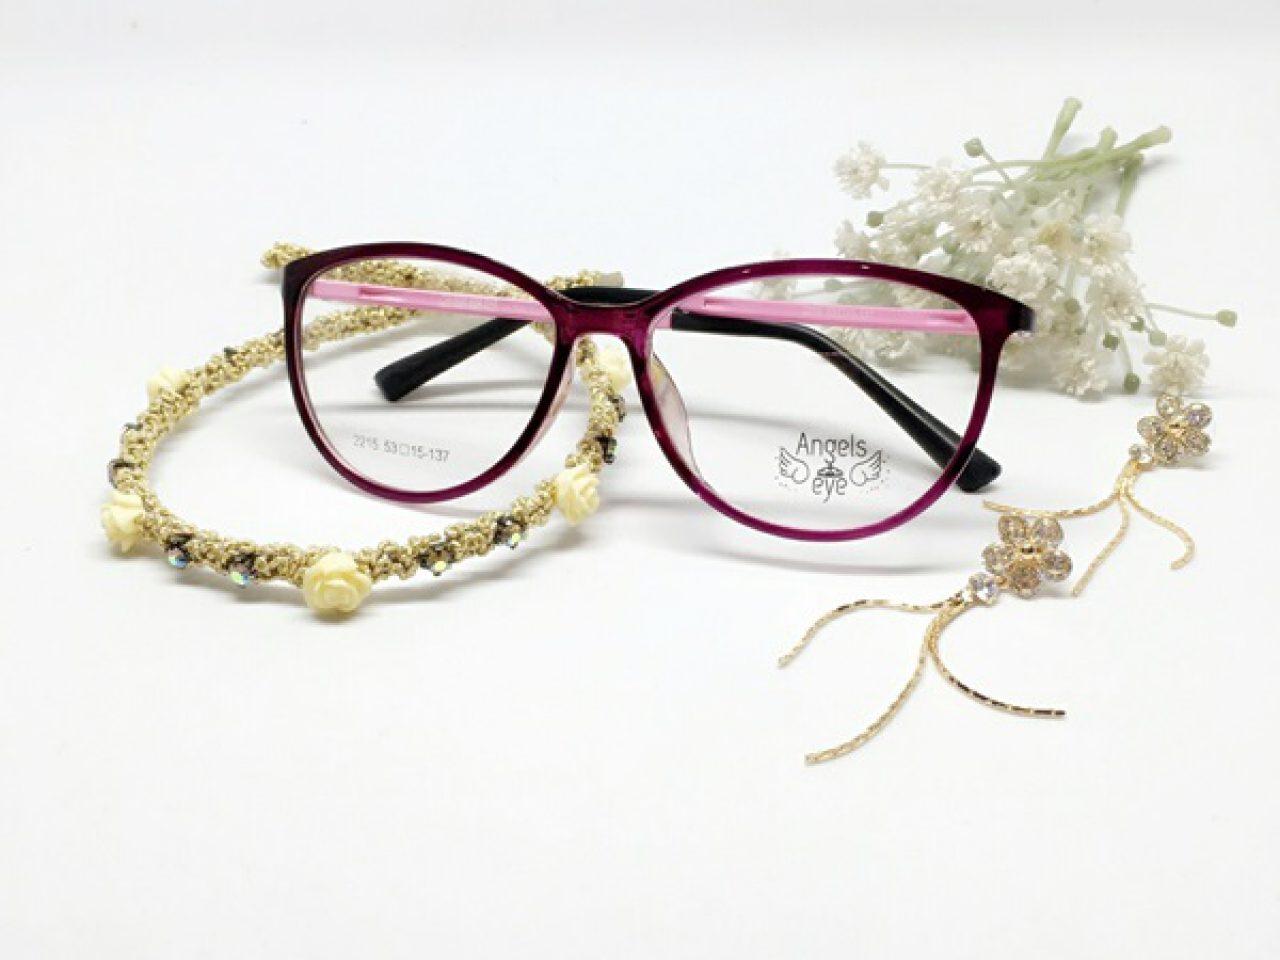 แว่นกรองแสง Angels eye (แว่นตานางฟ้า) รุ่น พลอยรุ้ง